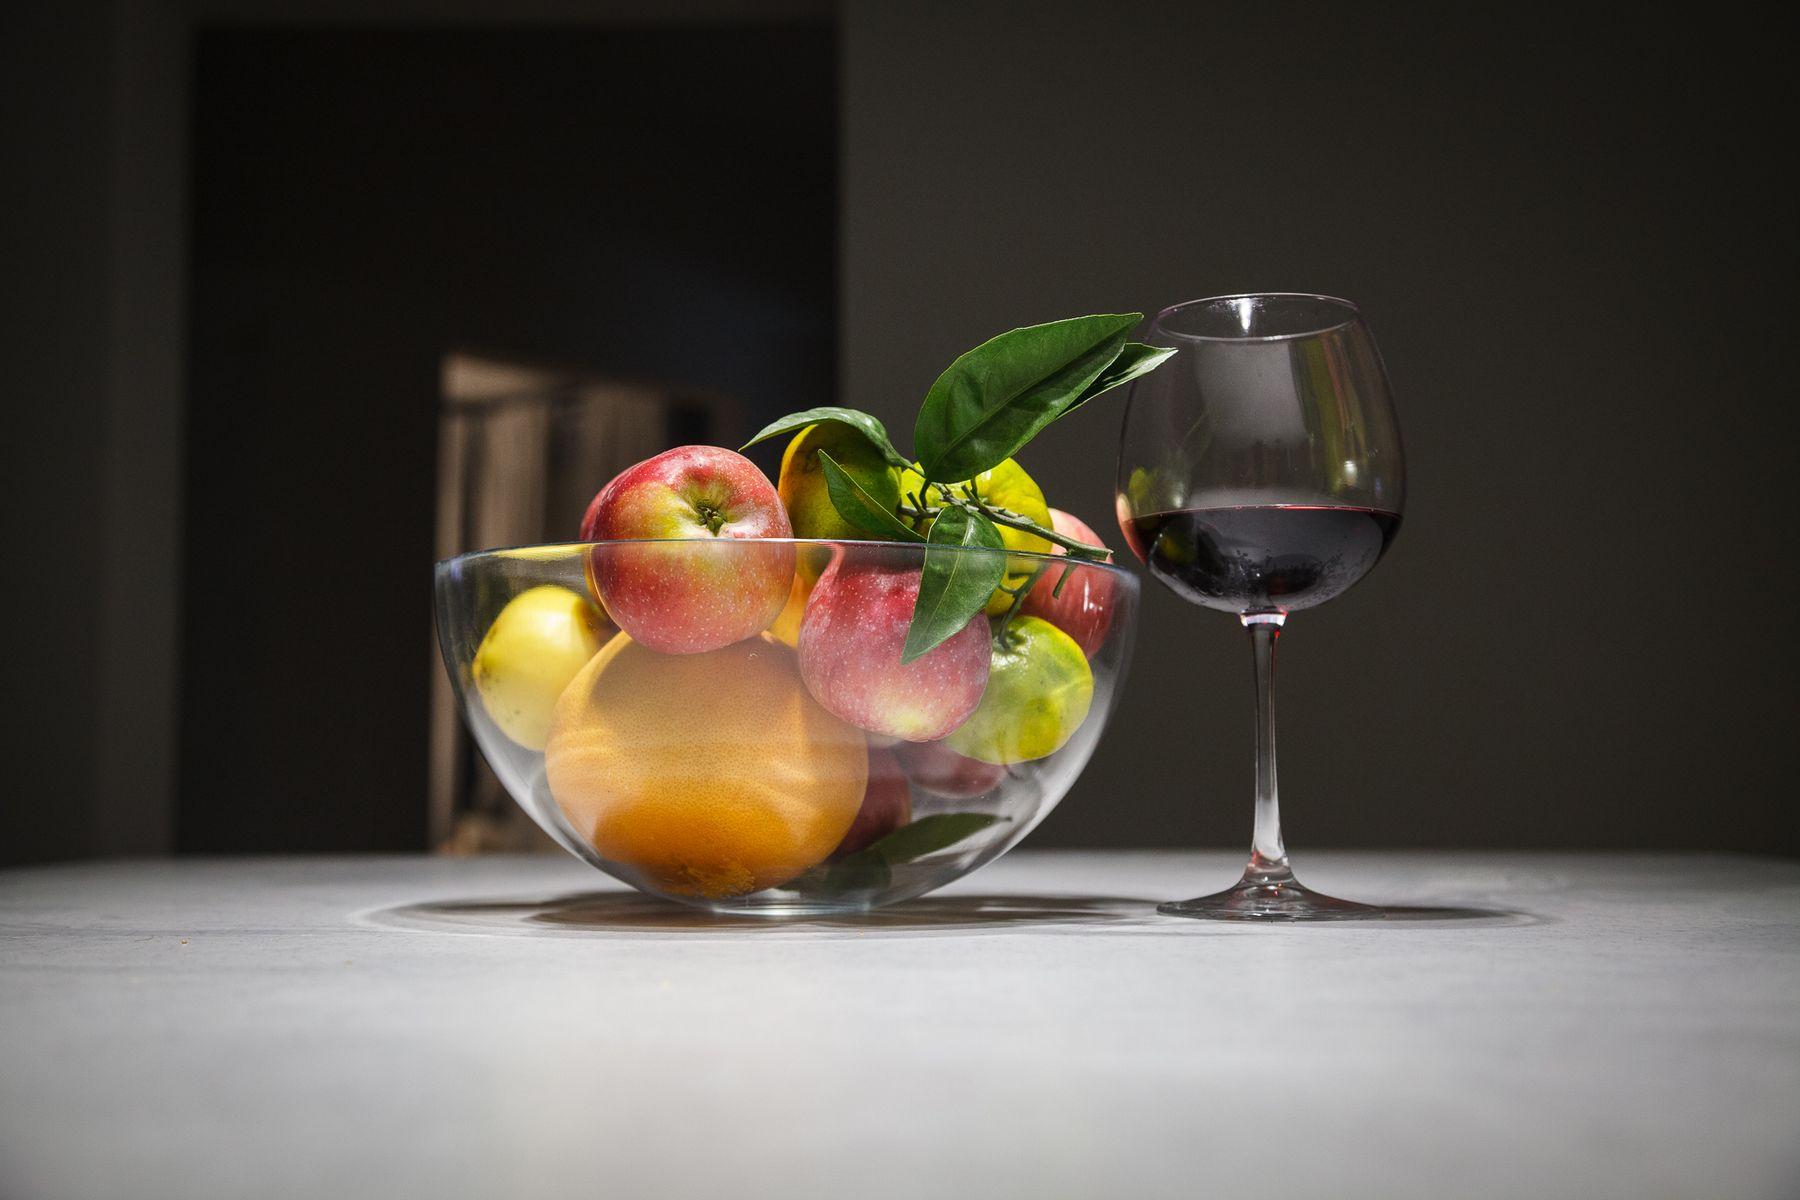 Вино и фрукты вино фрукты яблоки мандарины